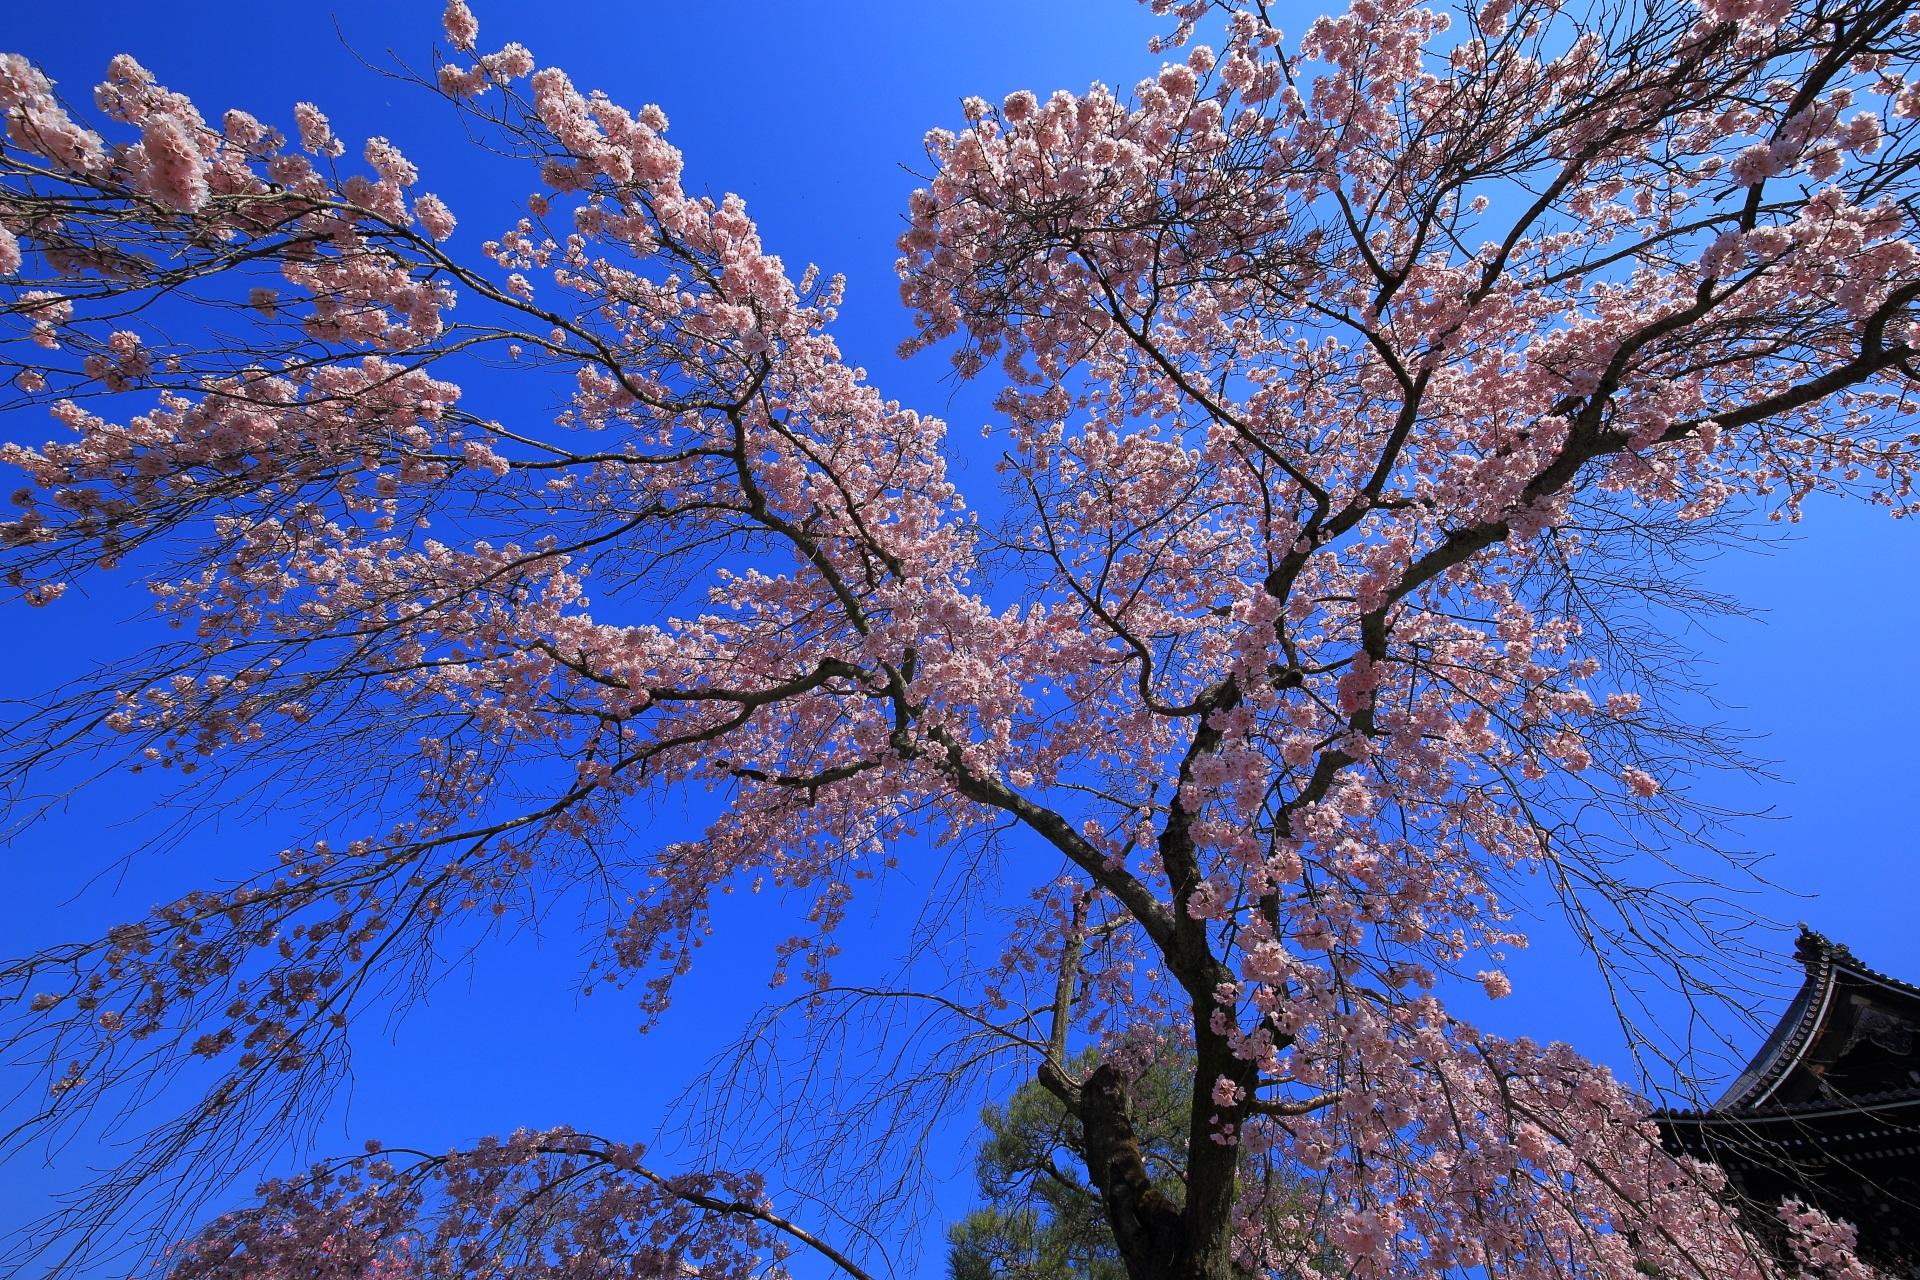 青空から降り注ぐピンクの桜のシャワー